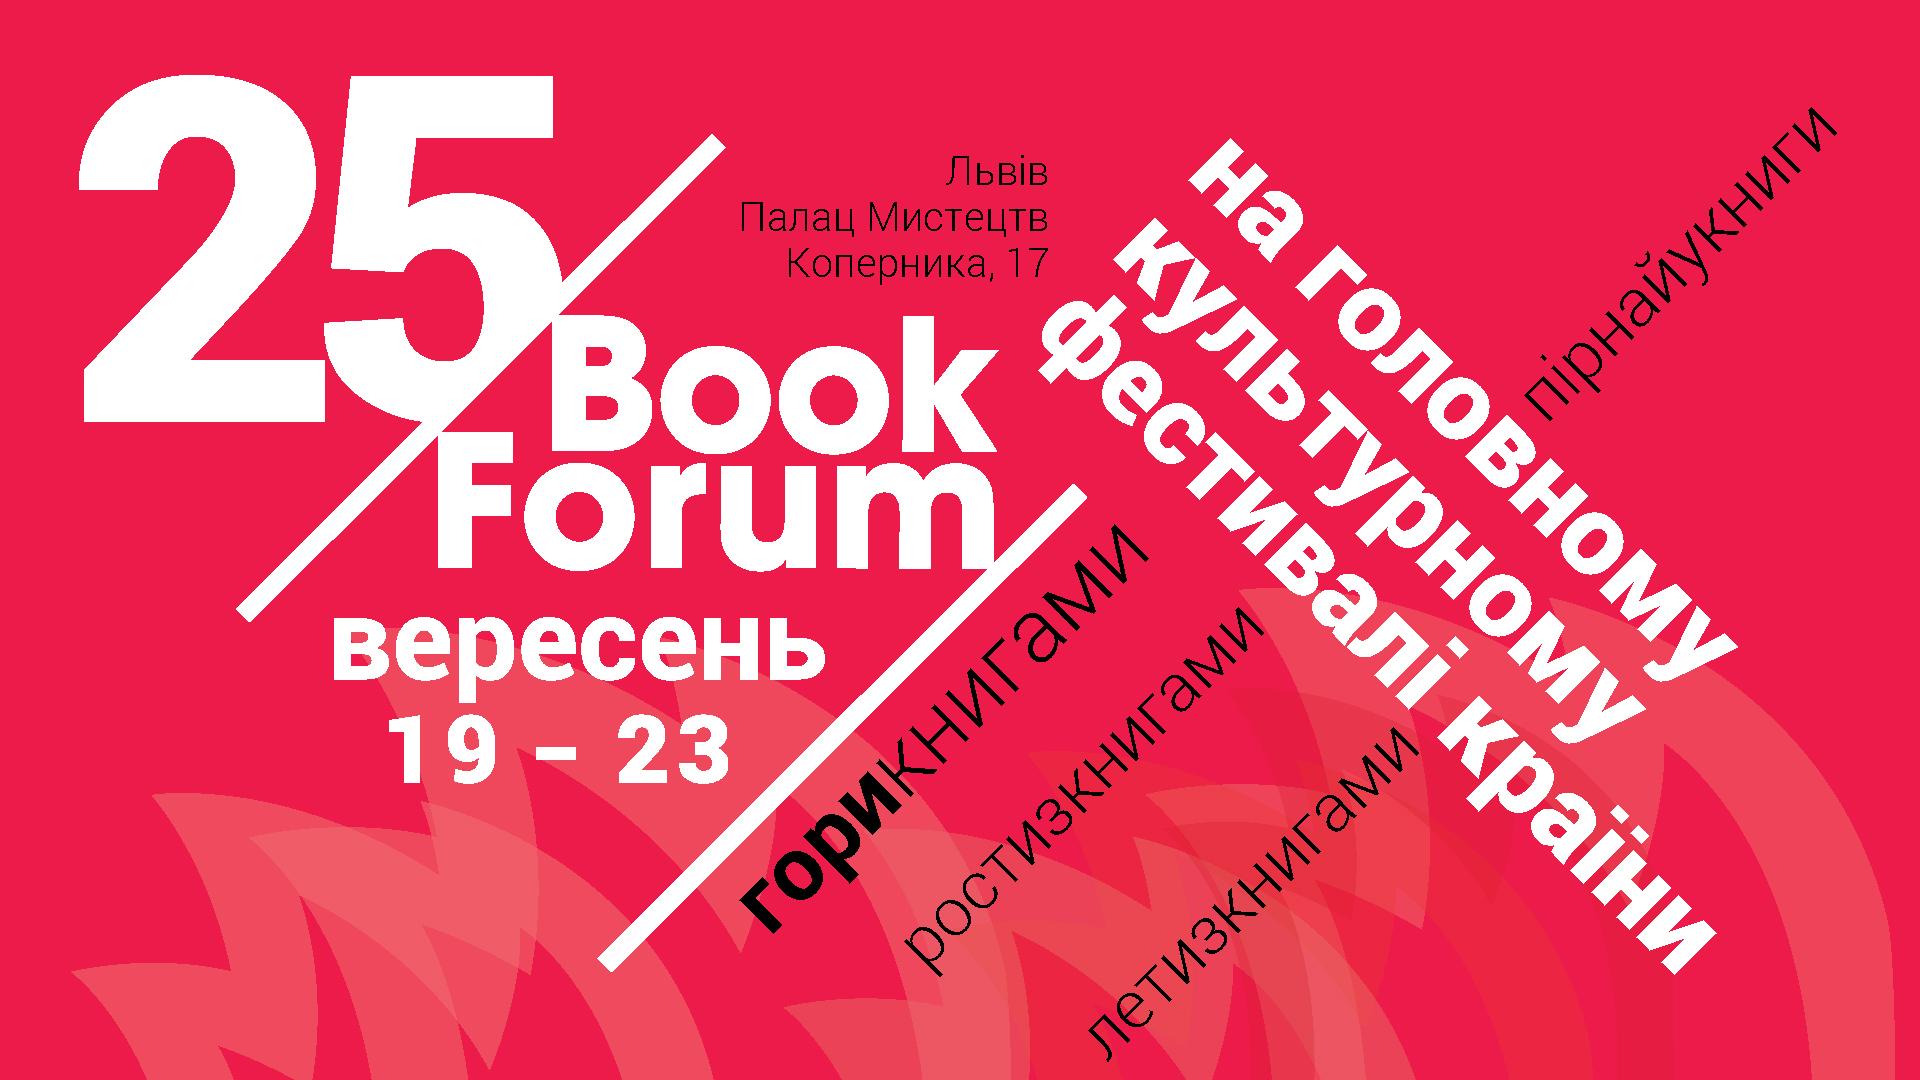 19-23 вересня – 25 BookForum у Львові